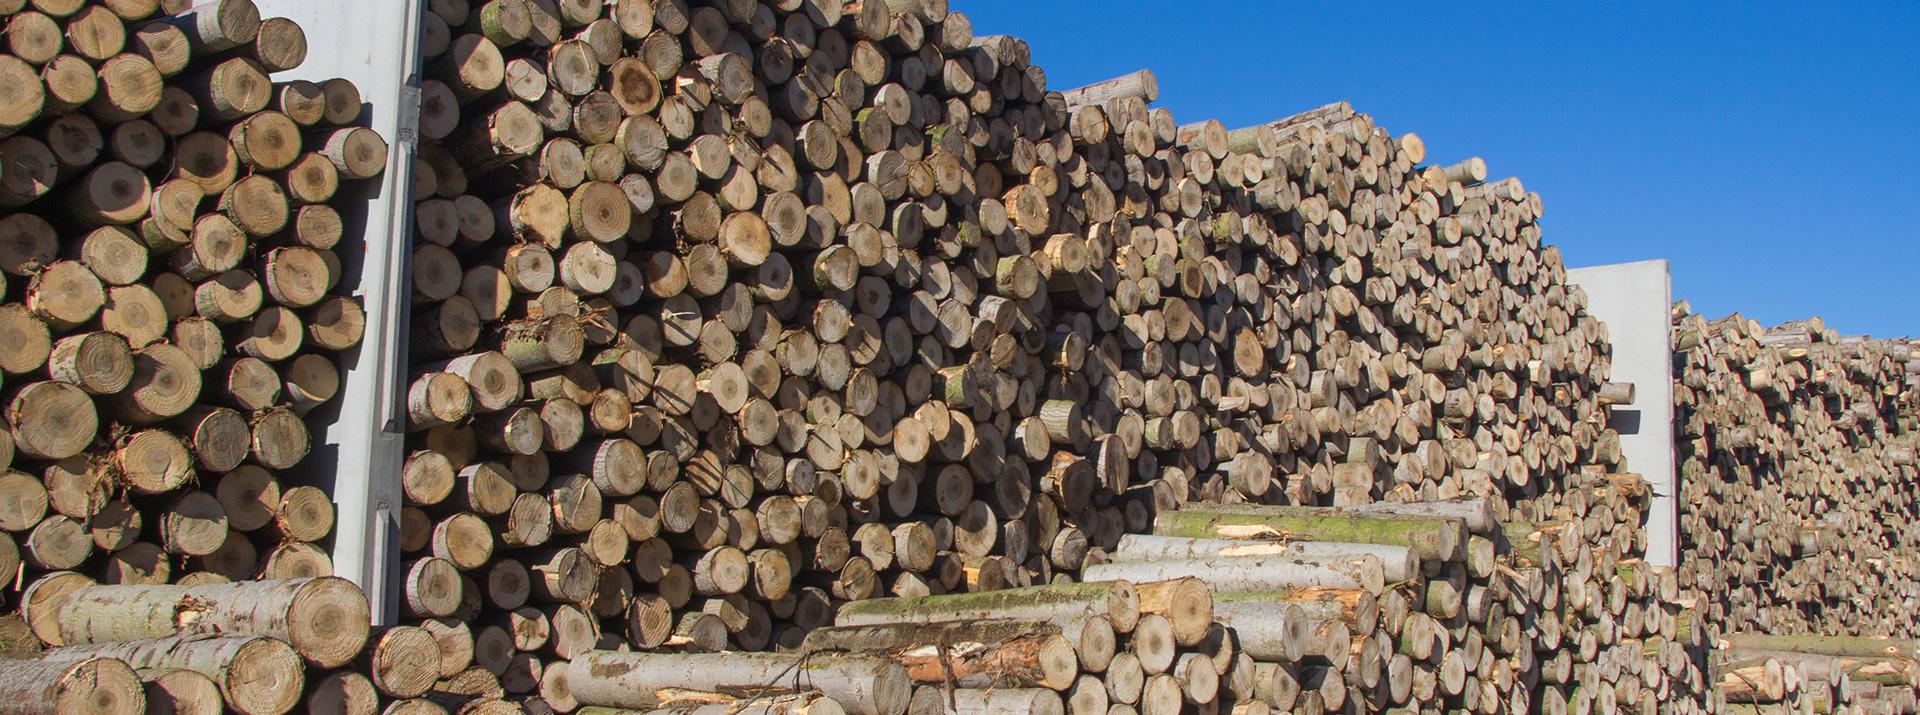 cima-compensati-stock-legno